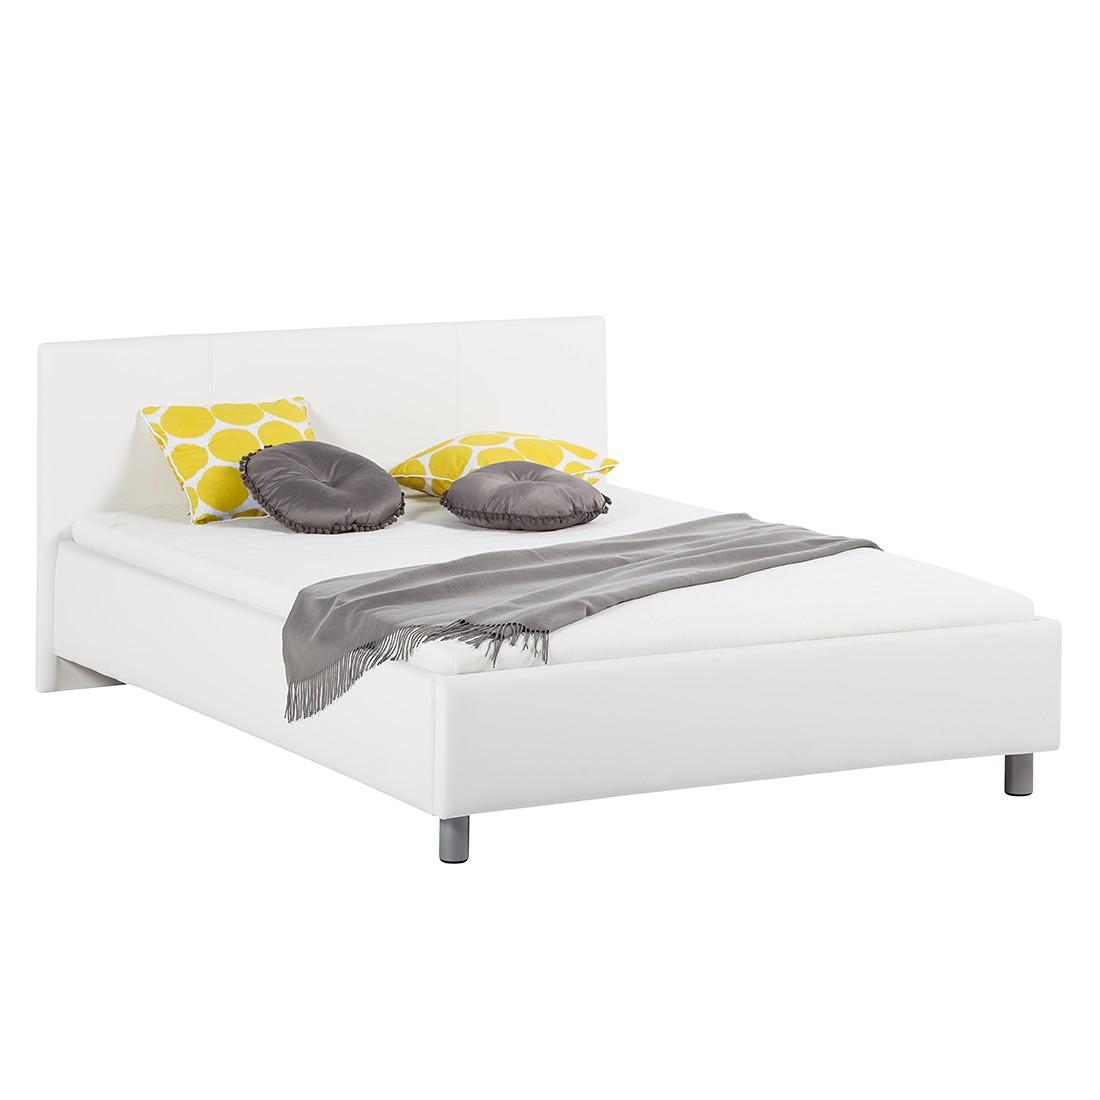 Bett 120 X 180. Affordable Paara Elektrisch Kaltschaum